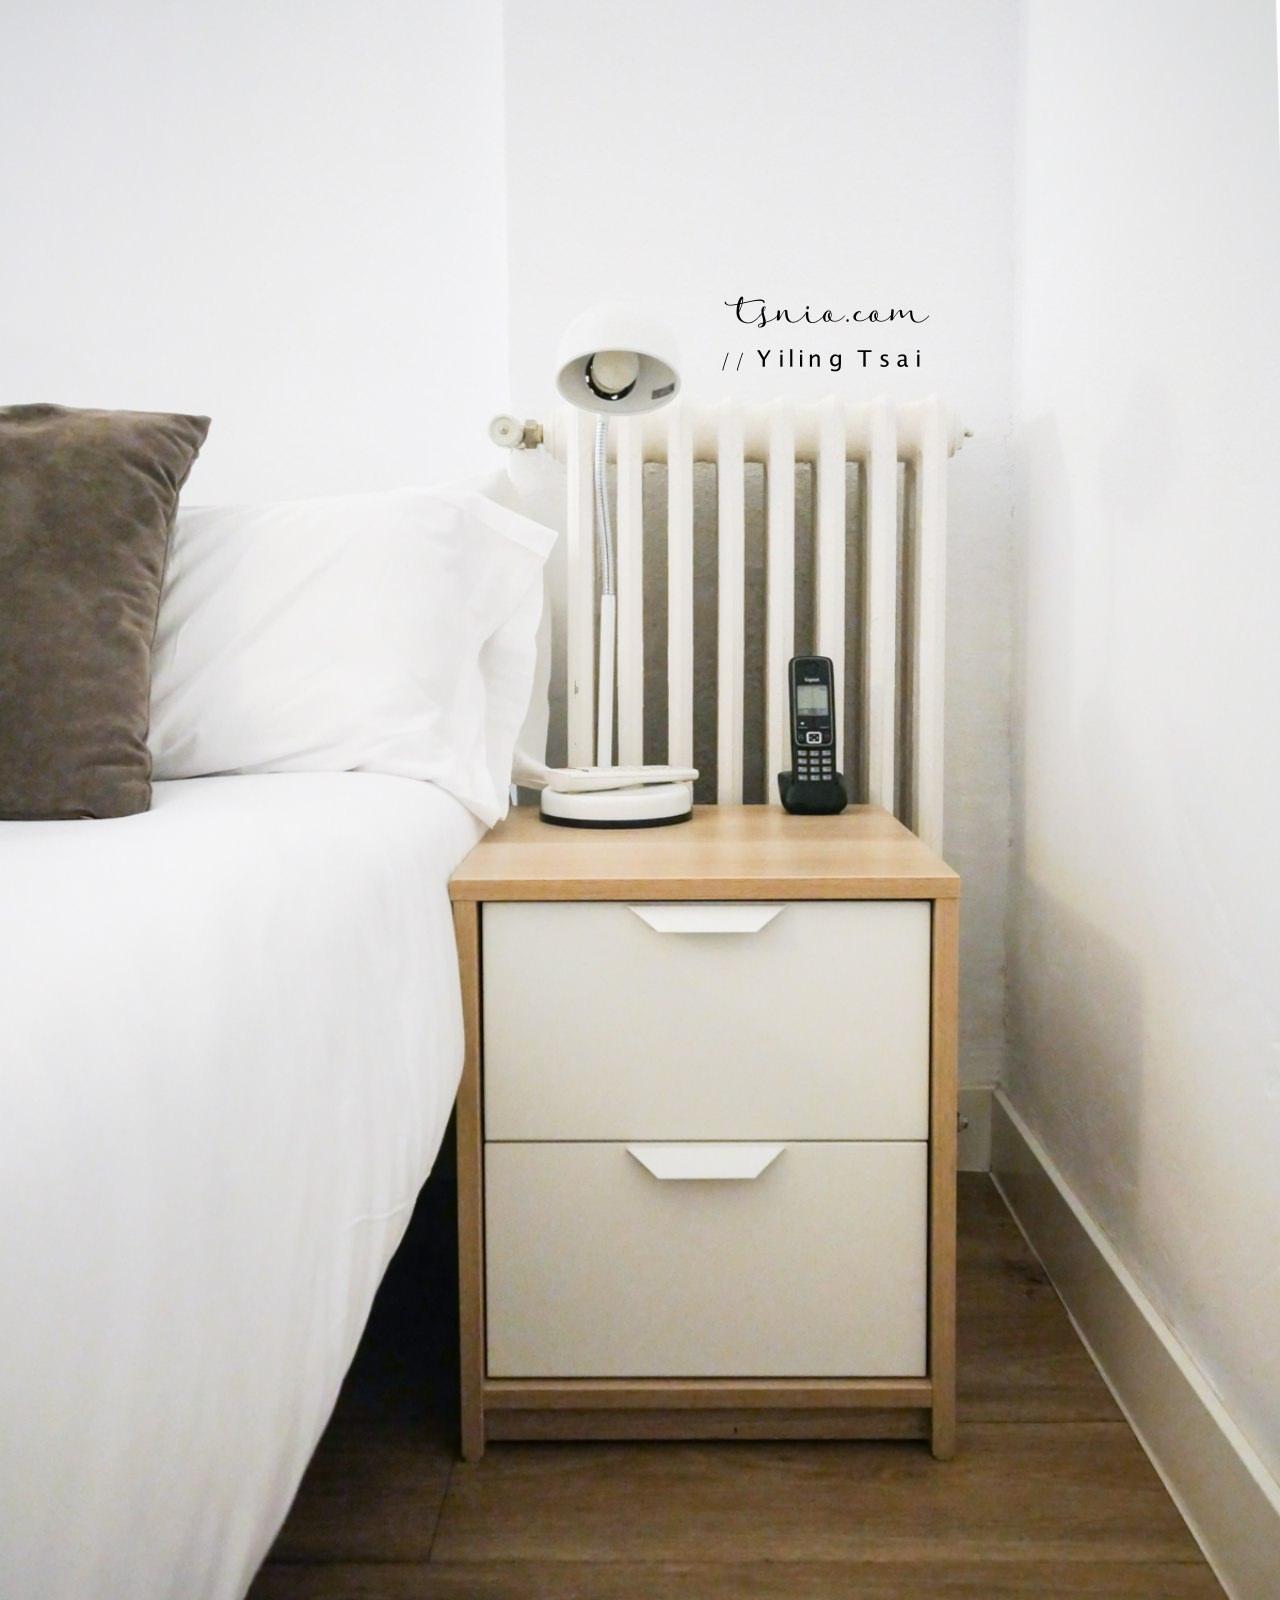 西班牙馬德里住宿推薦 NeoMagna Madrid 薩拉曼卡區簡約設計飯店